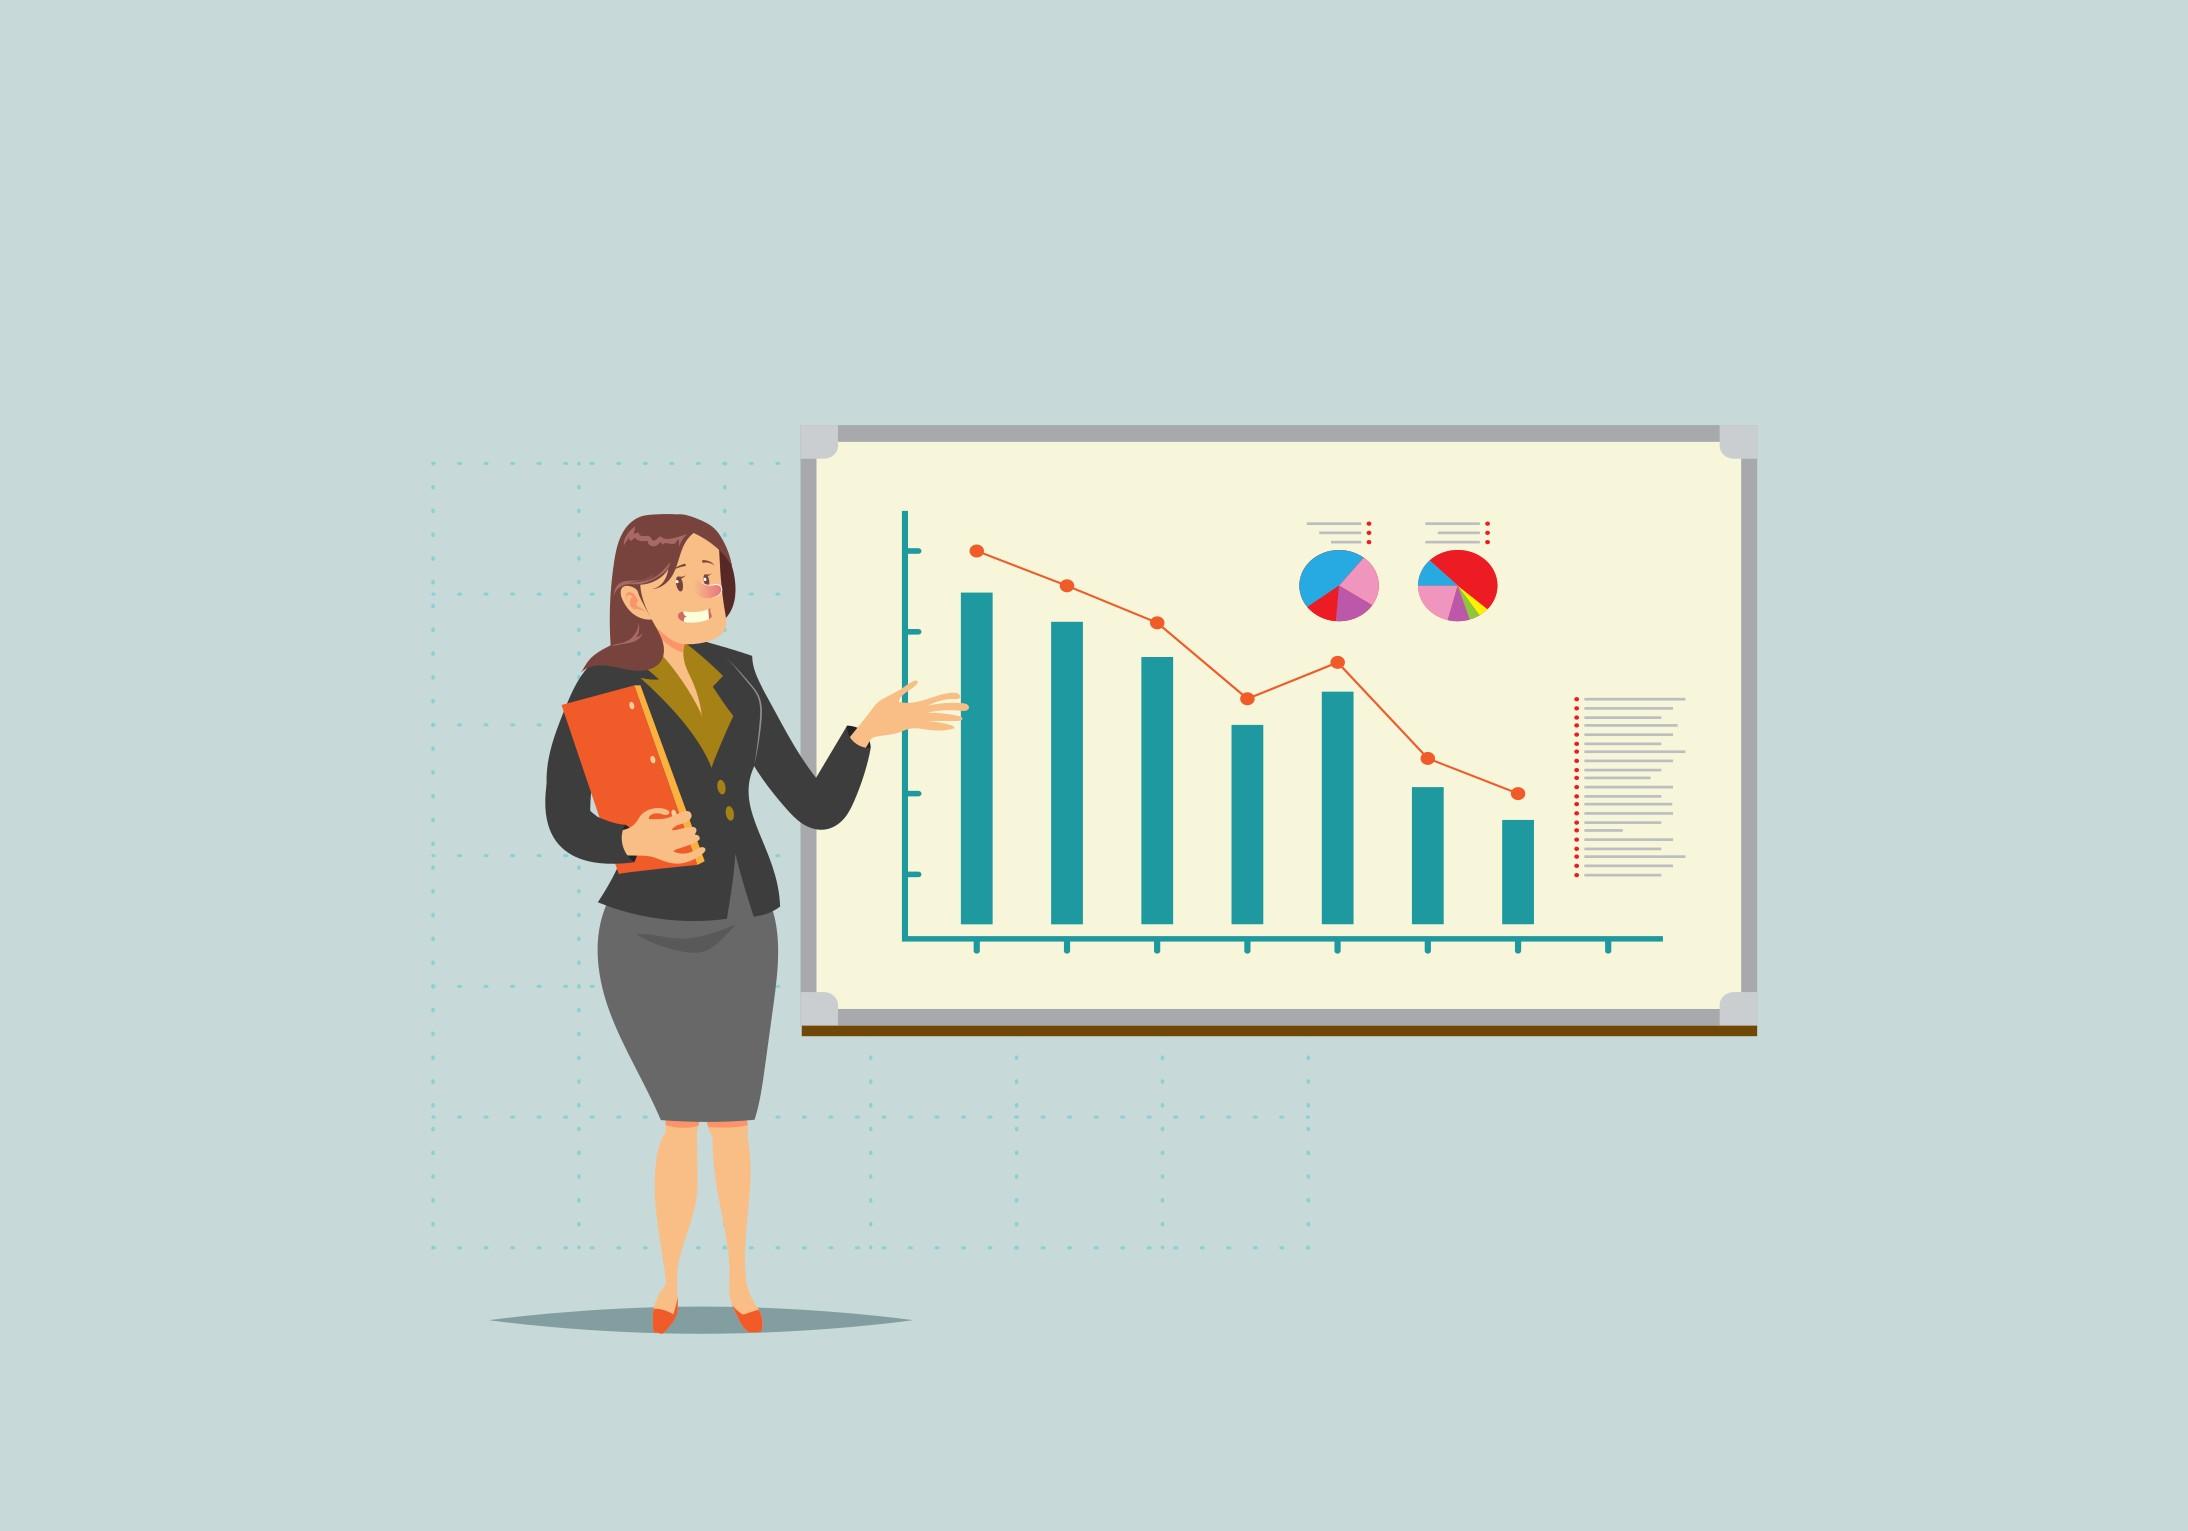 Презентация с падающим графиком